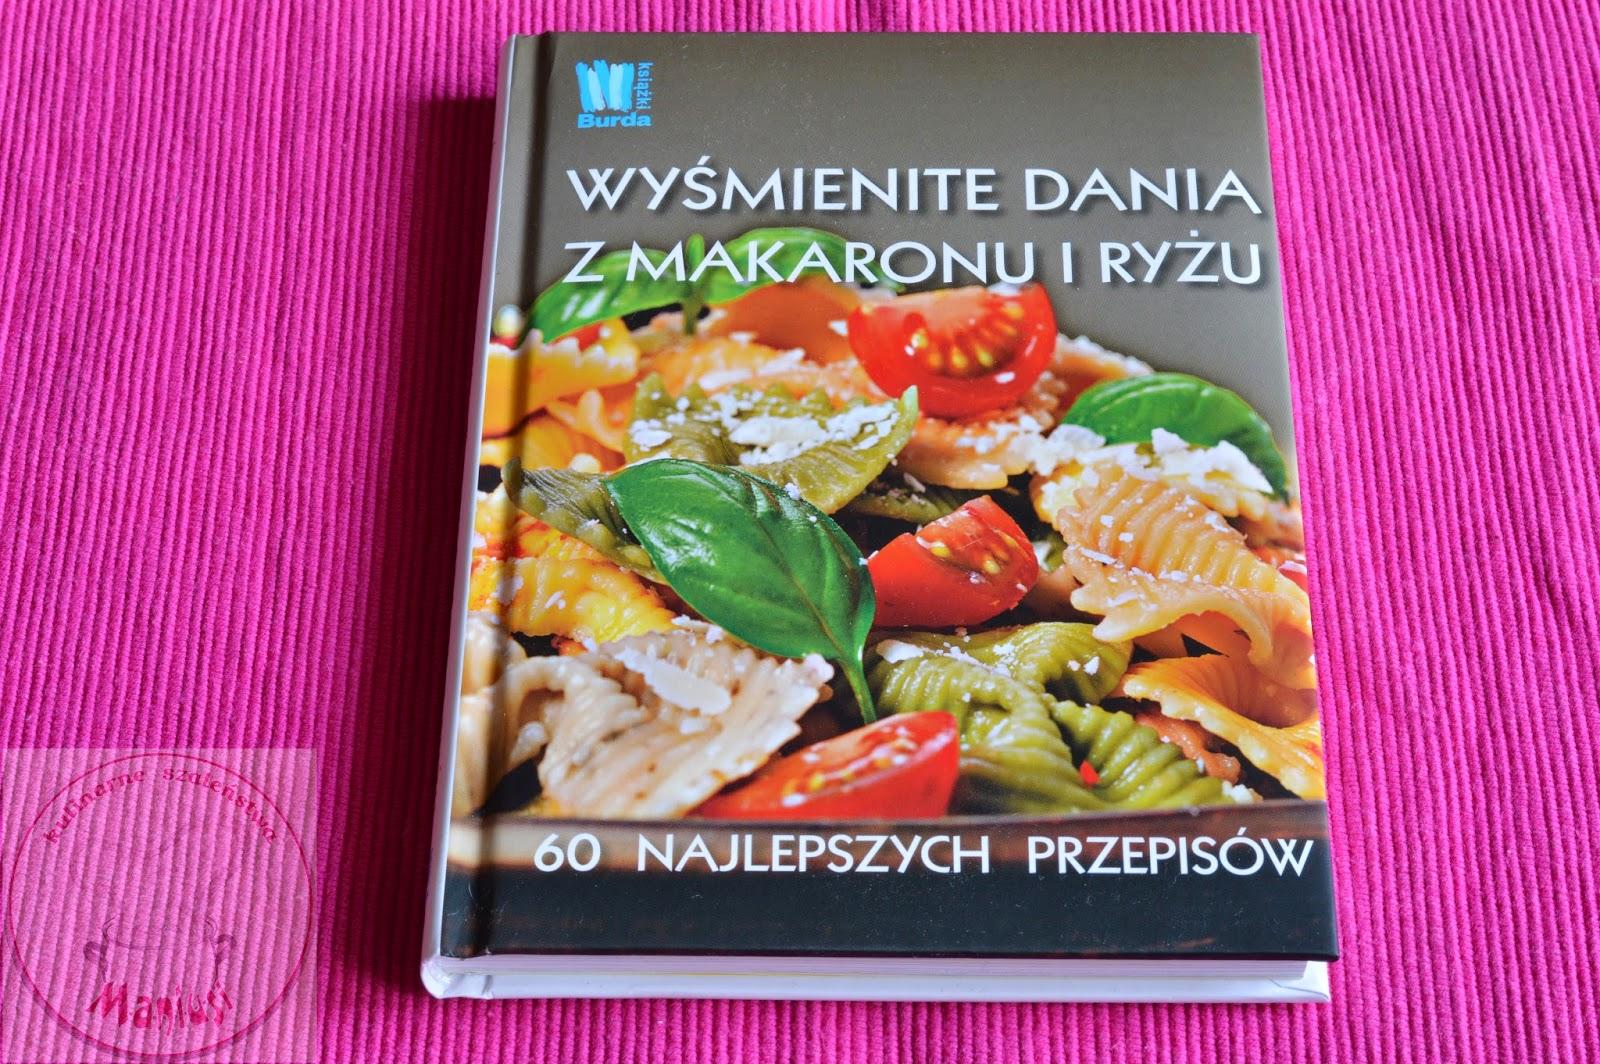 Ksiazka Wysmienite Dania Z Makaronu I Ryzu Recenzja Kulinarna